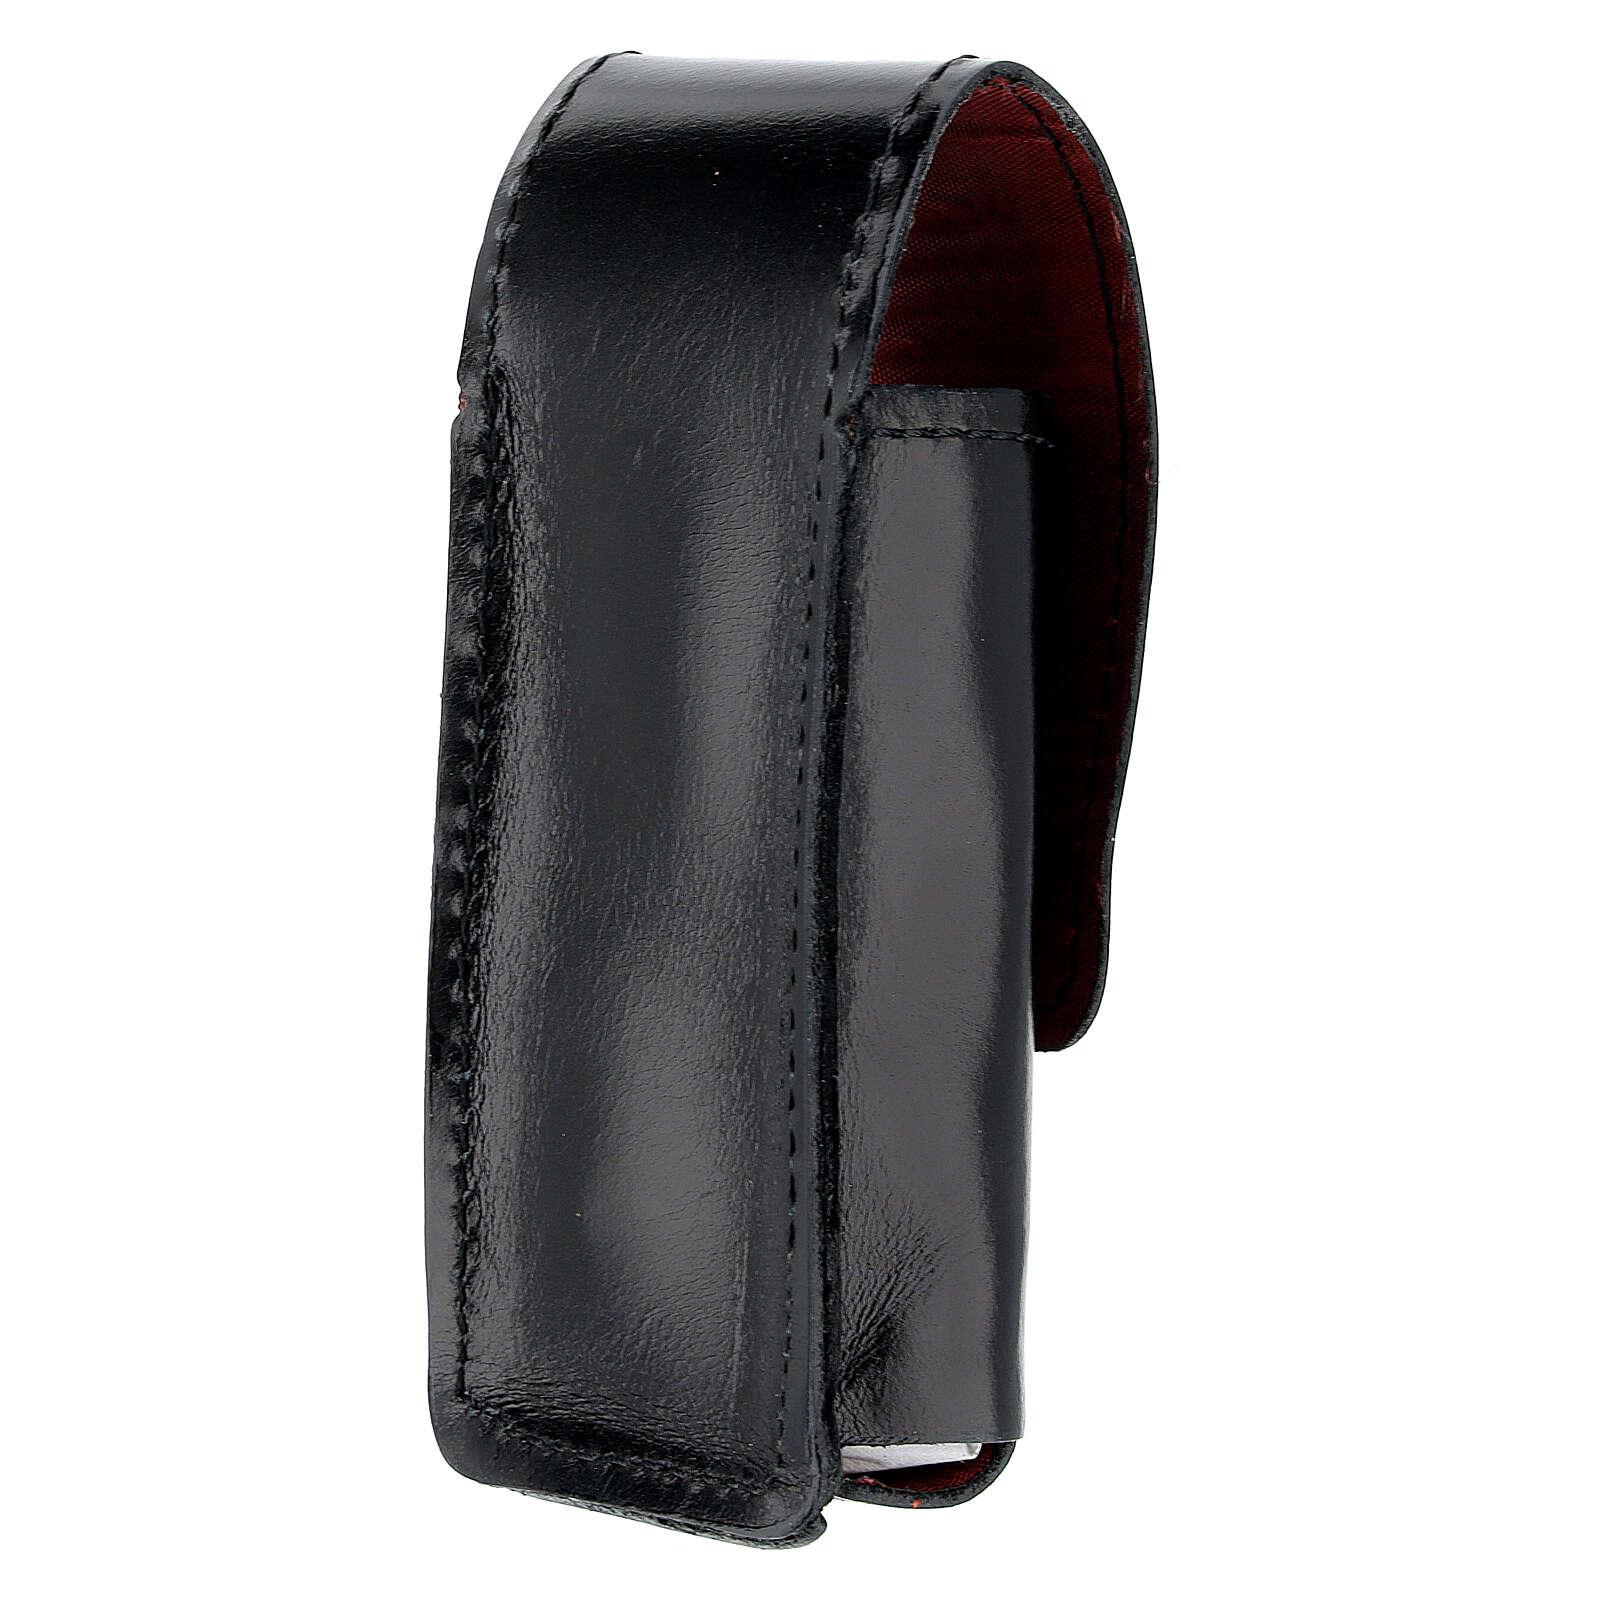 Étui pour goupillon 9 cm cuir véritable noir 3